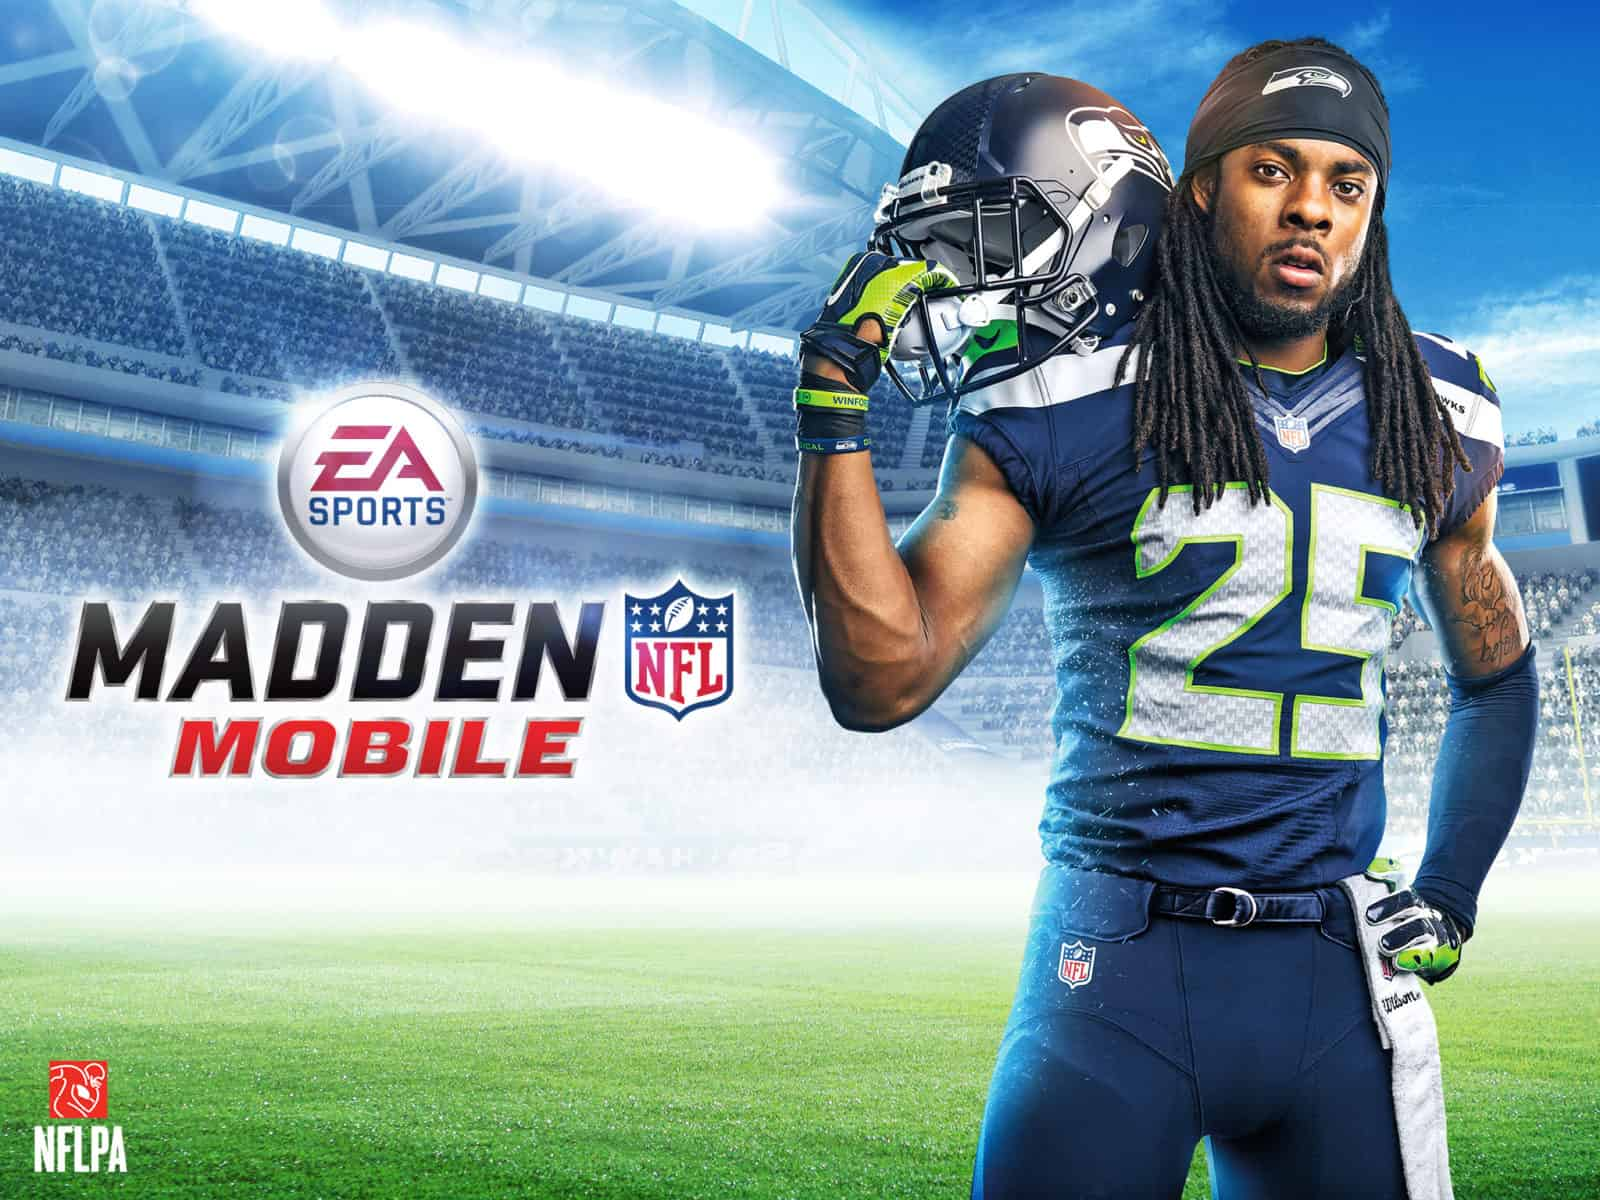 Madden NFL Mobile Splash Art